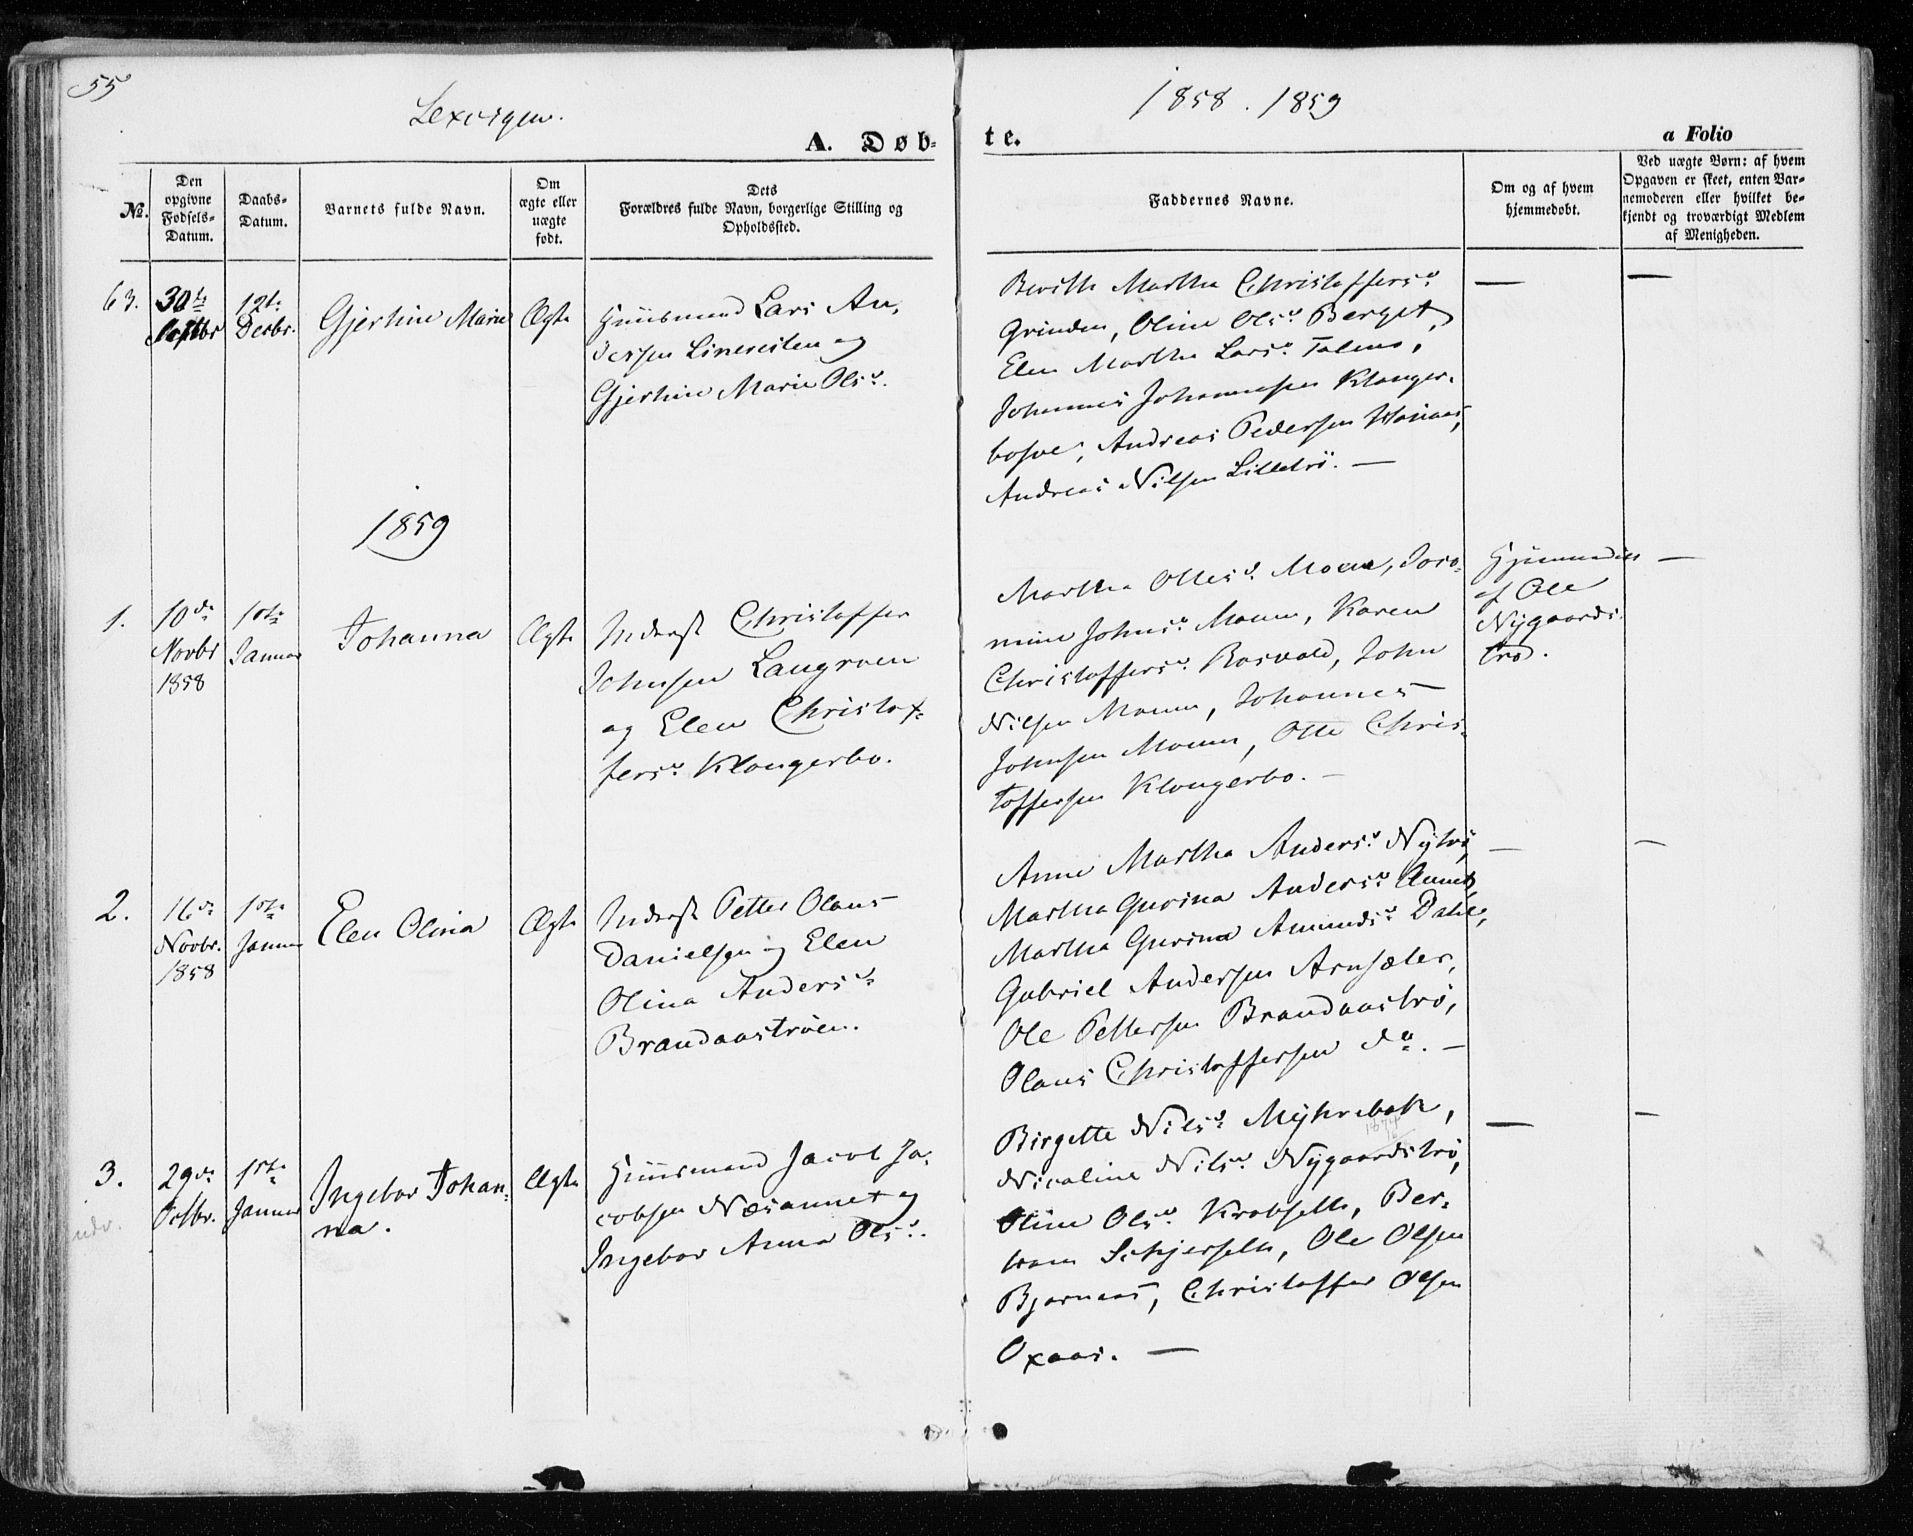 SAT, Ministerialprotokoller, klokkerbøker og fødselsregistre - Nord-Trøndelag, 701/L0008: Ministerialbok nr. 701A08 /1, 1854-1863, s. 55